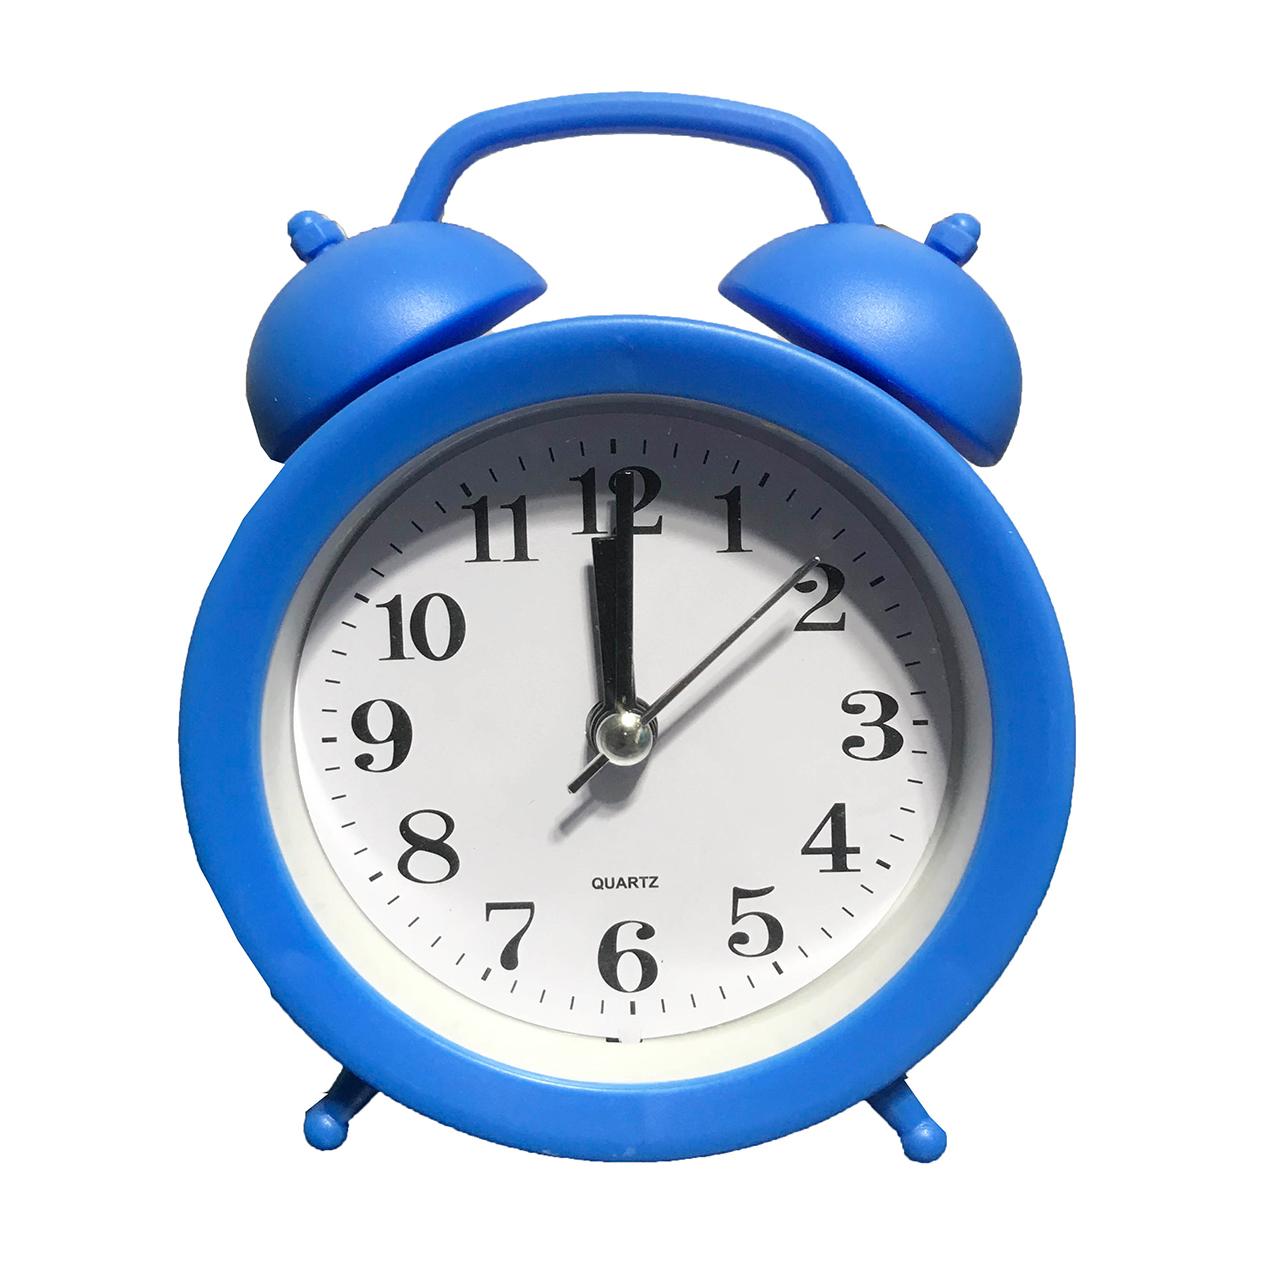 ساعت رومیزی مدل irsa-036